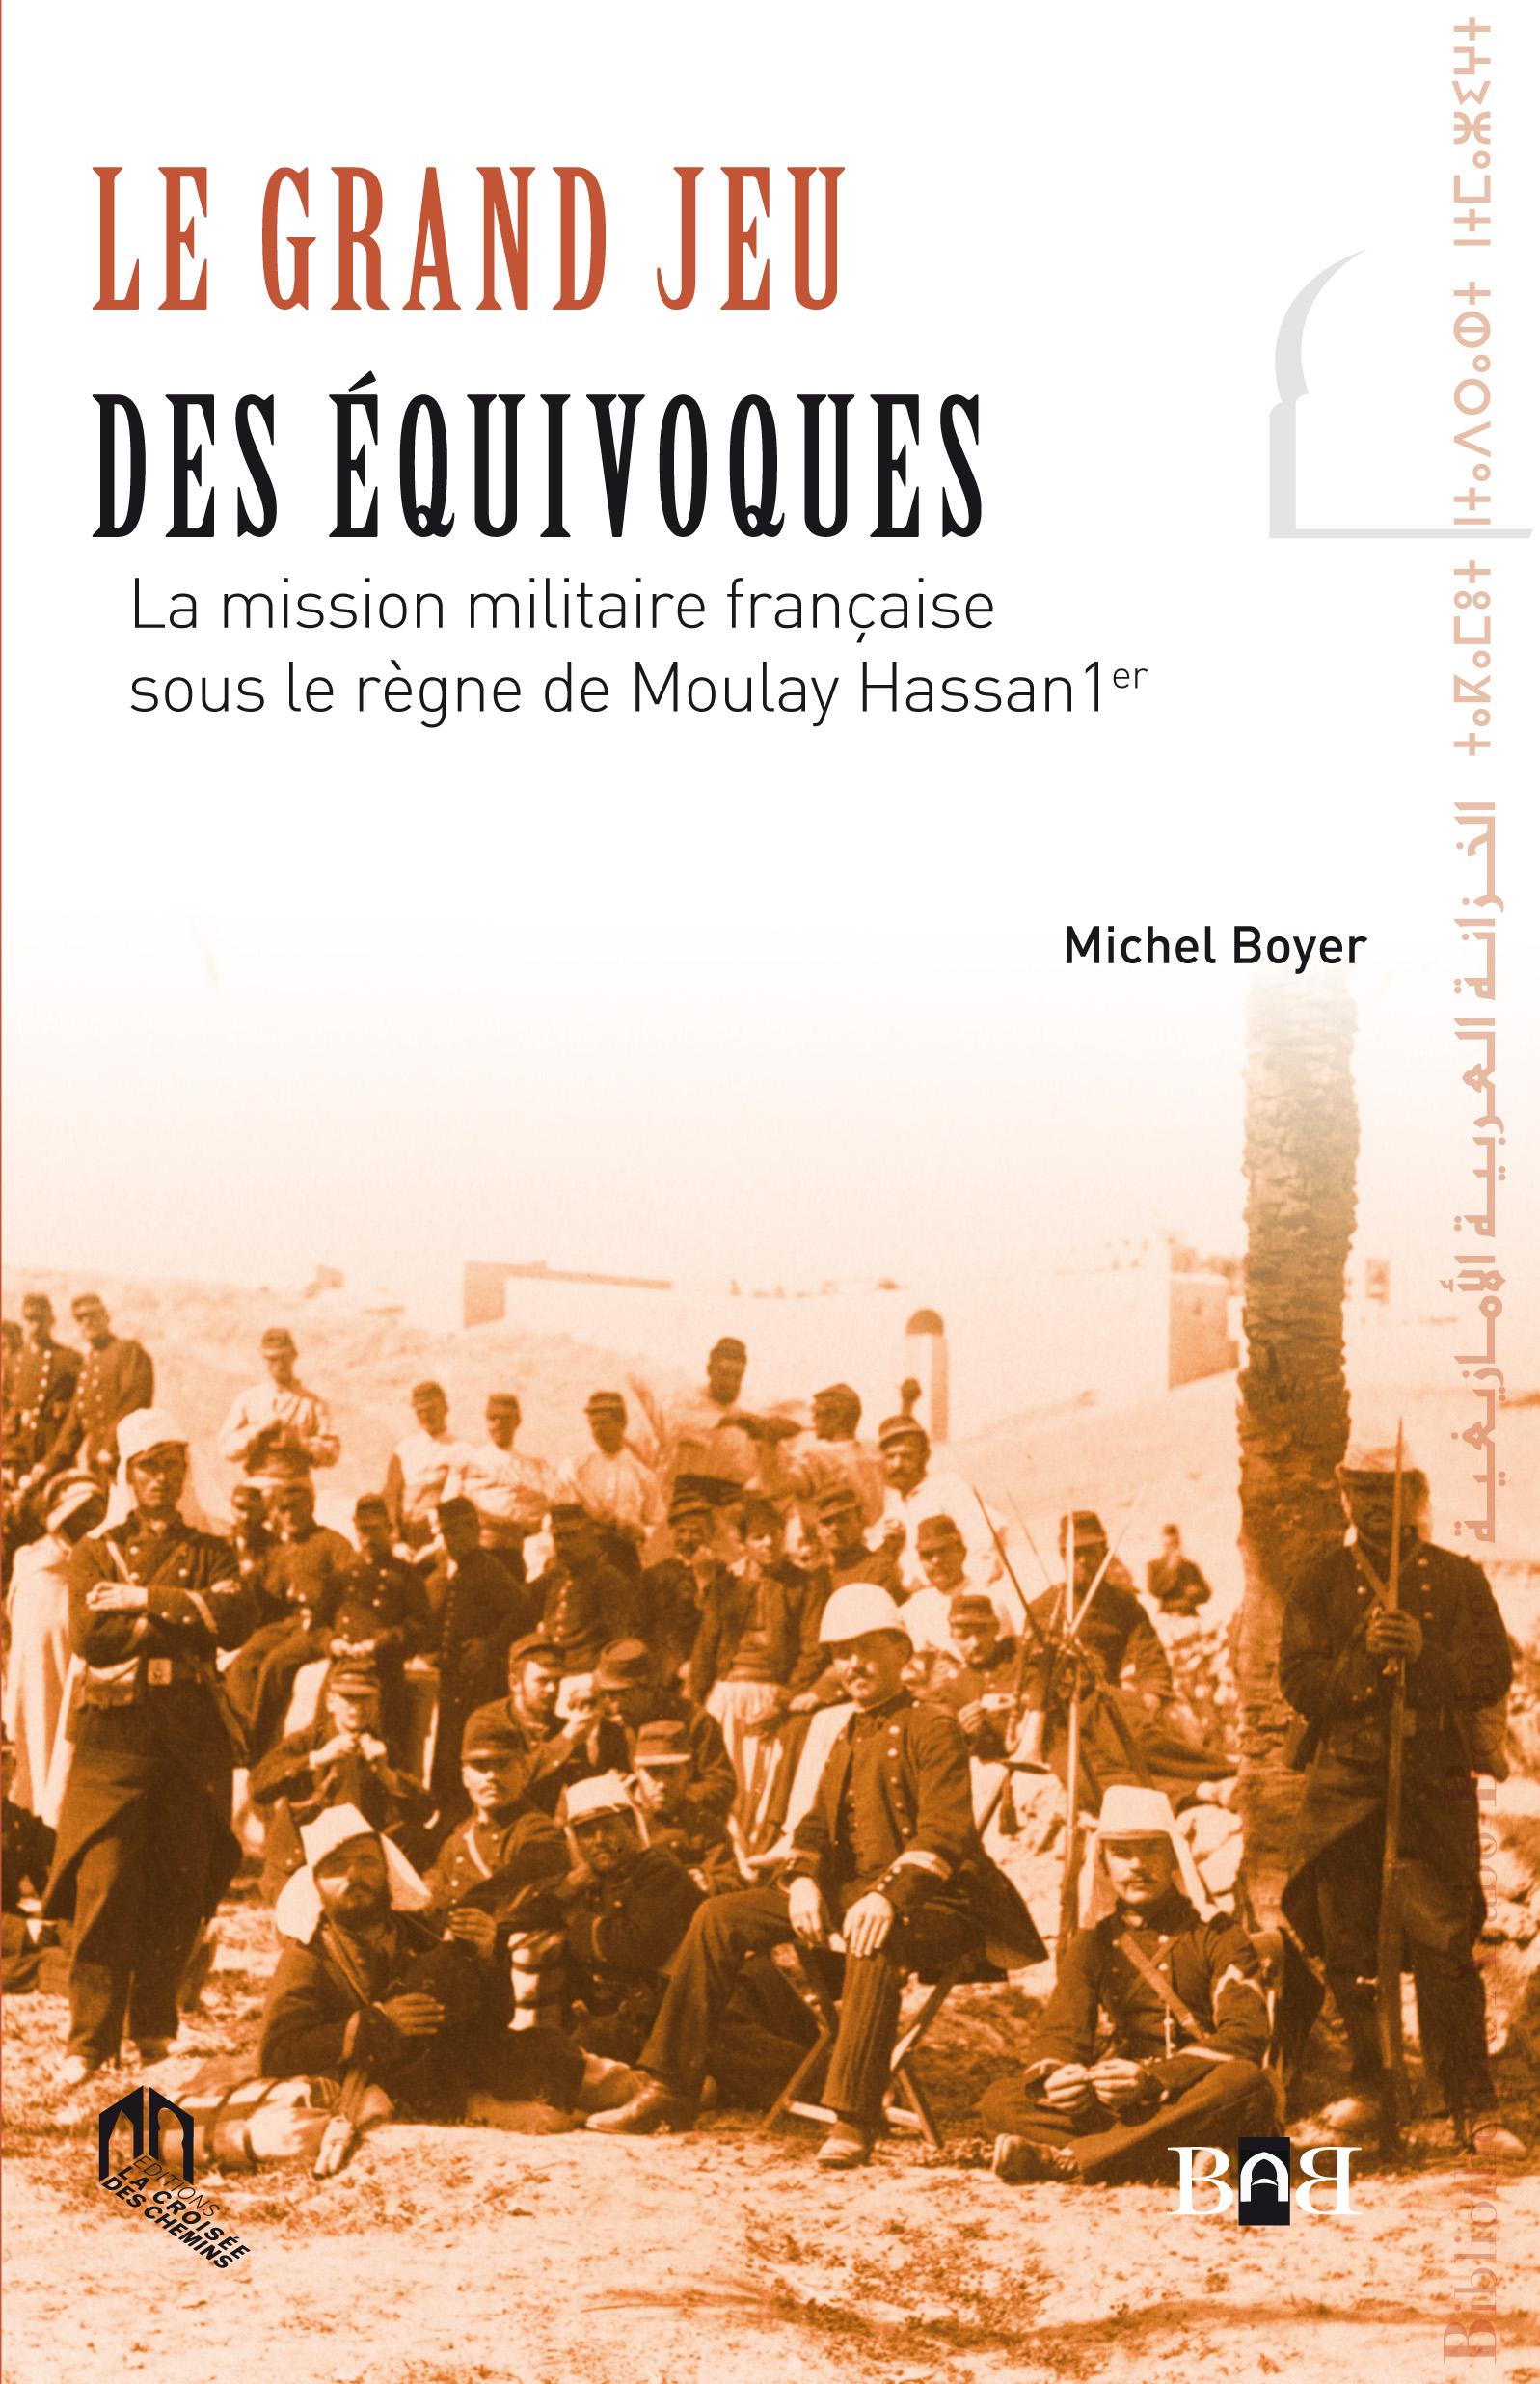 La mission militaire  française sous le règne de Moulay Hassan (1873-1894)